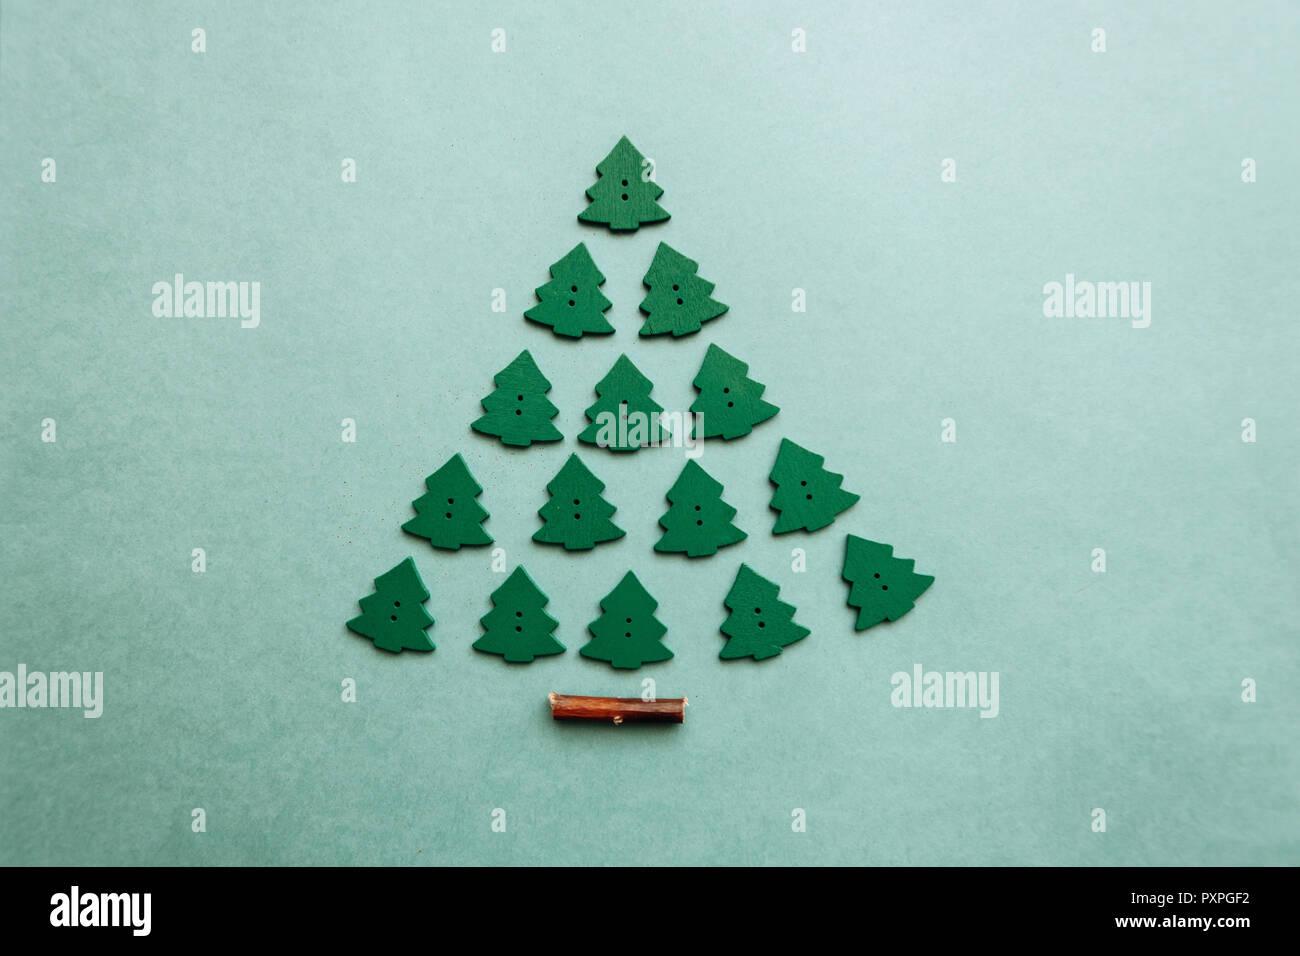 Themen Zu Weihnachten.Kreative Idee Im Minimalistischen Stil Für Weihnachten Oder Neujahr